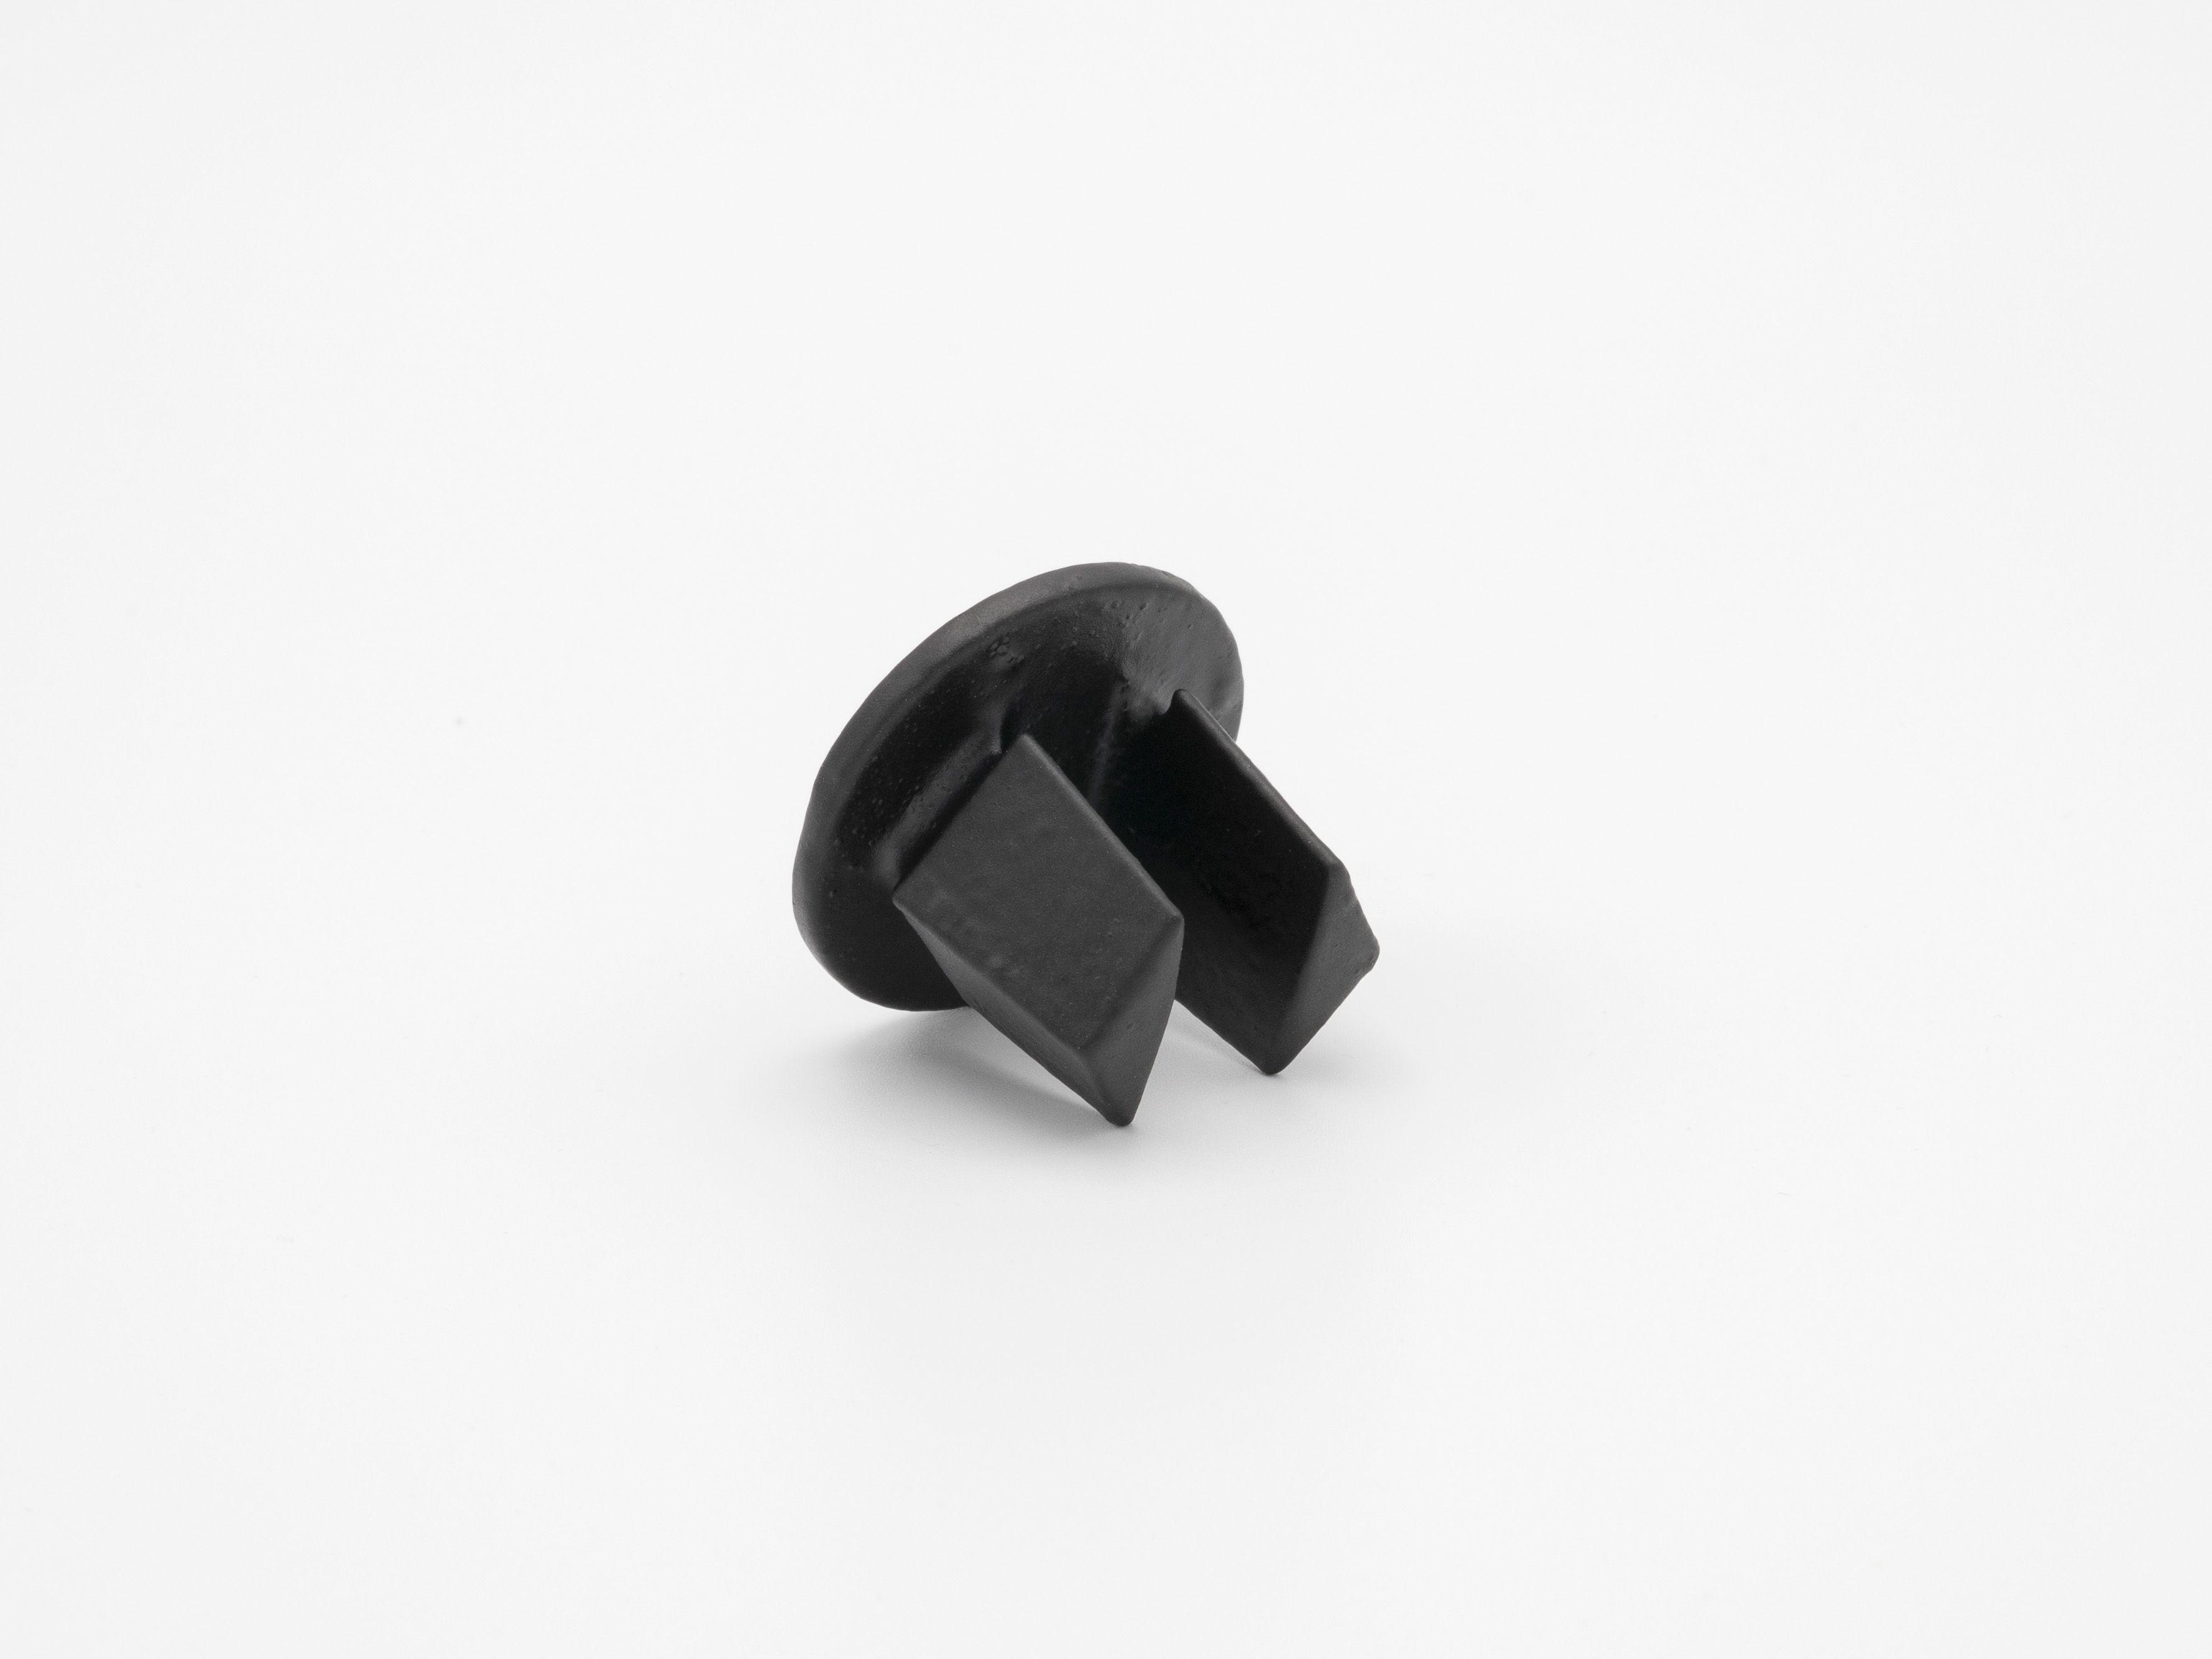 Black 84 - Malleable Plug